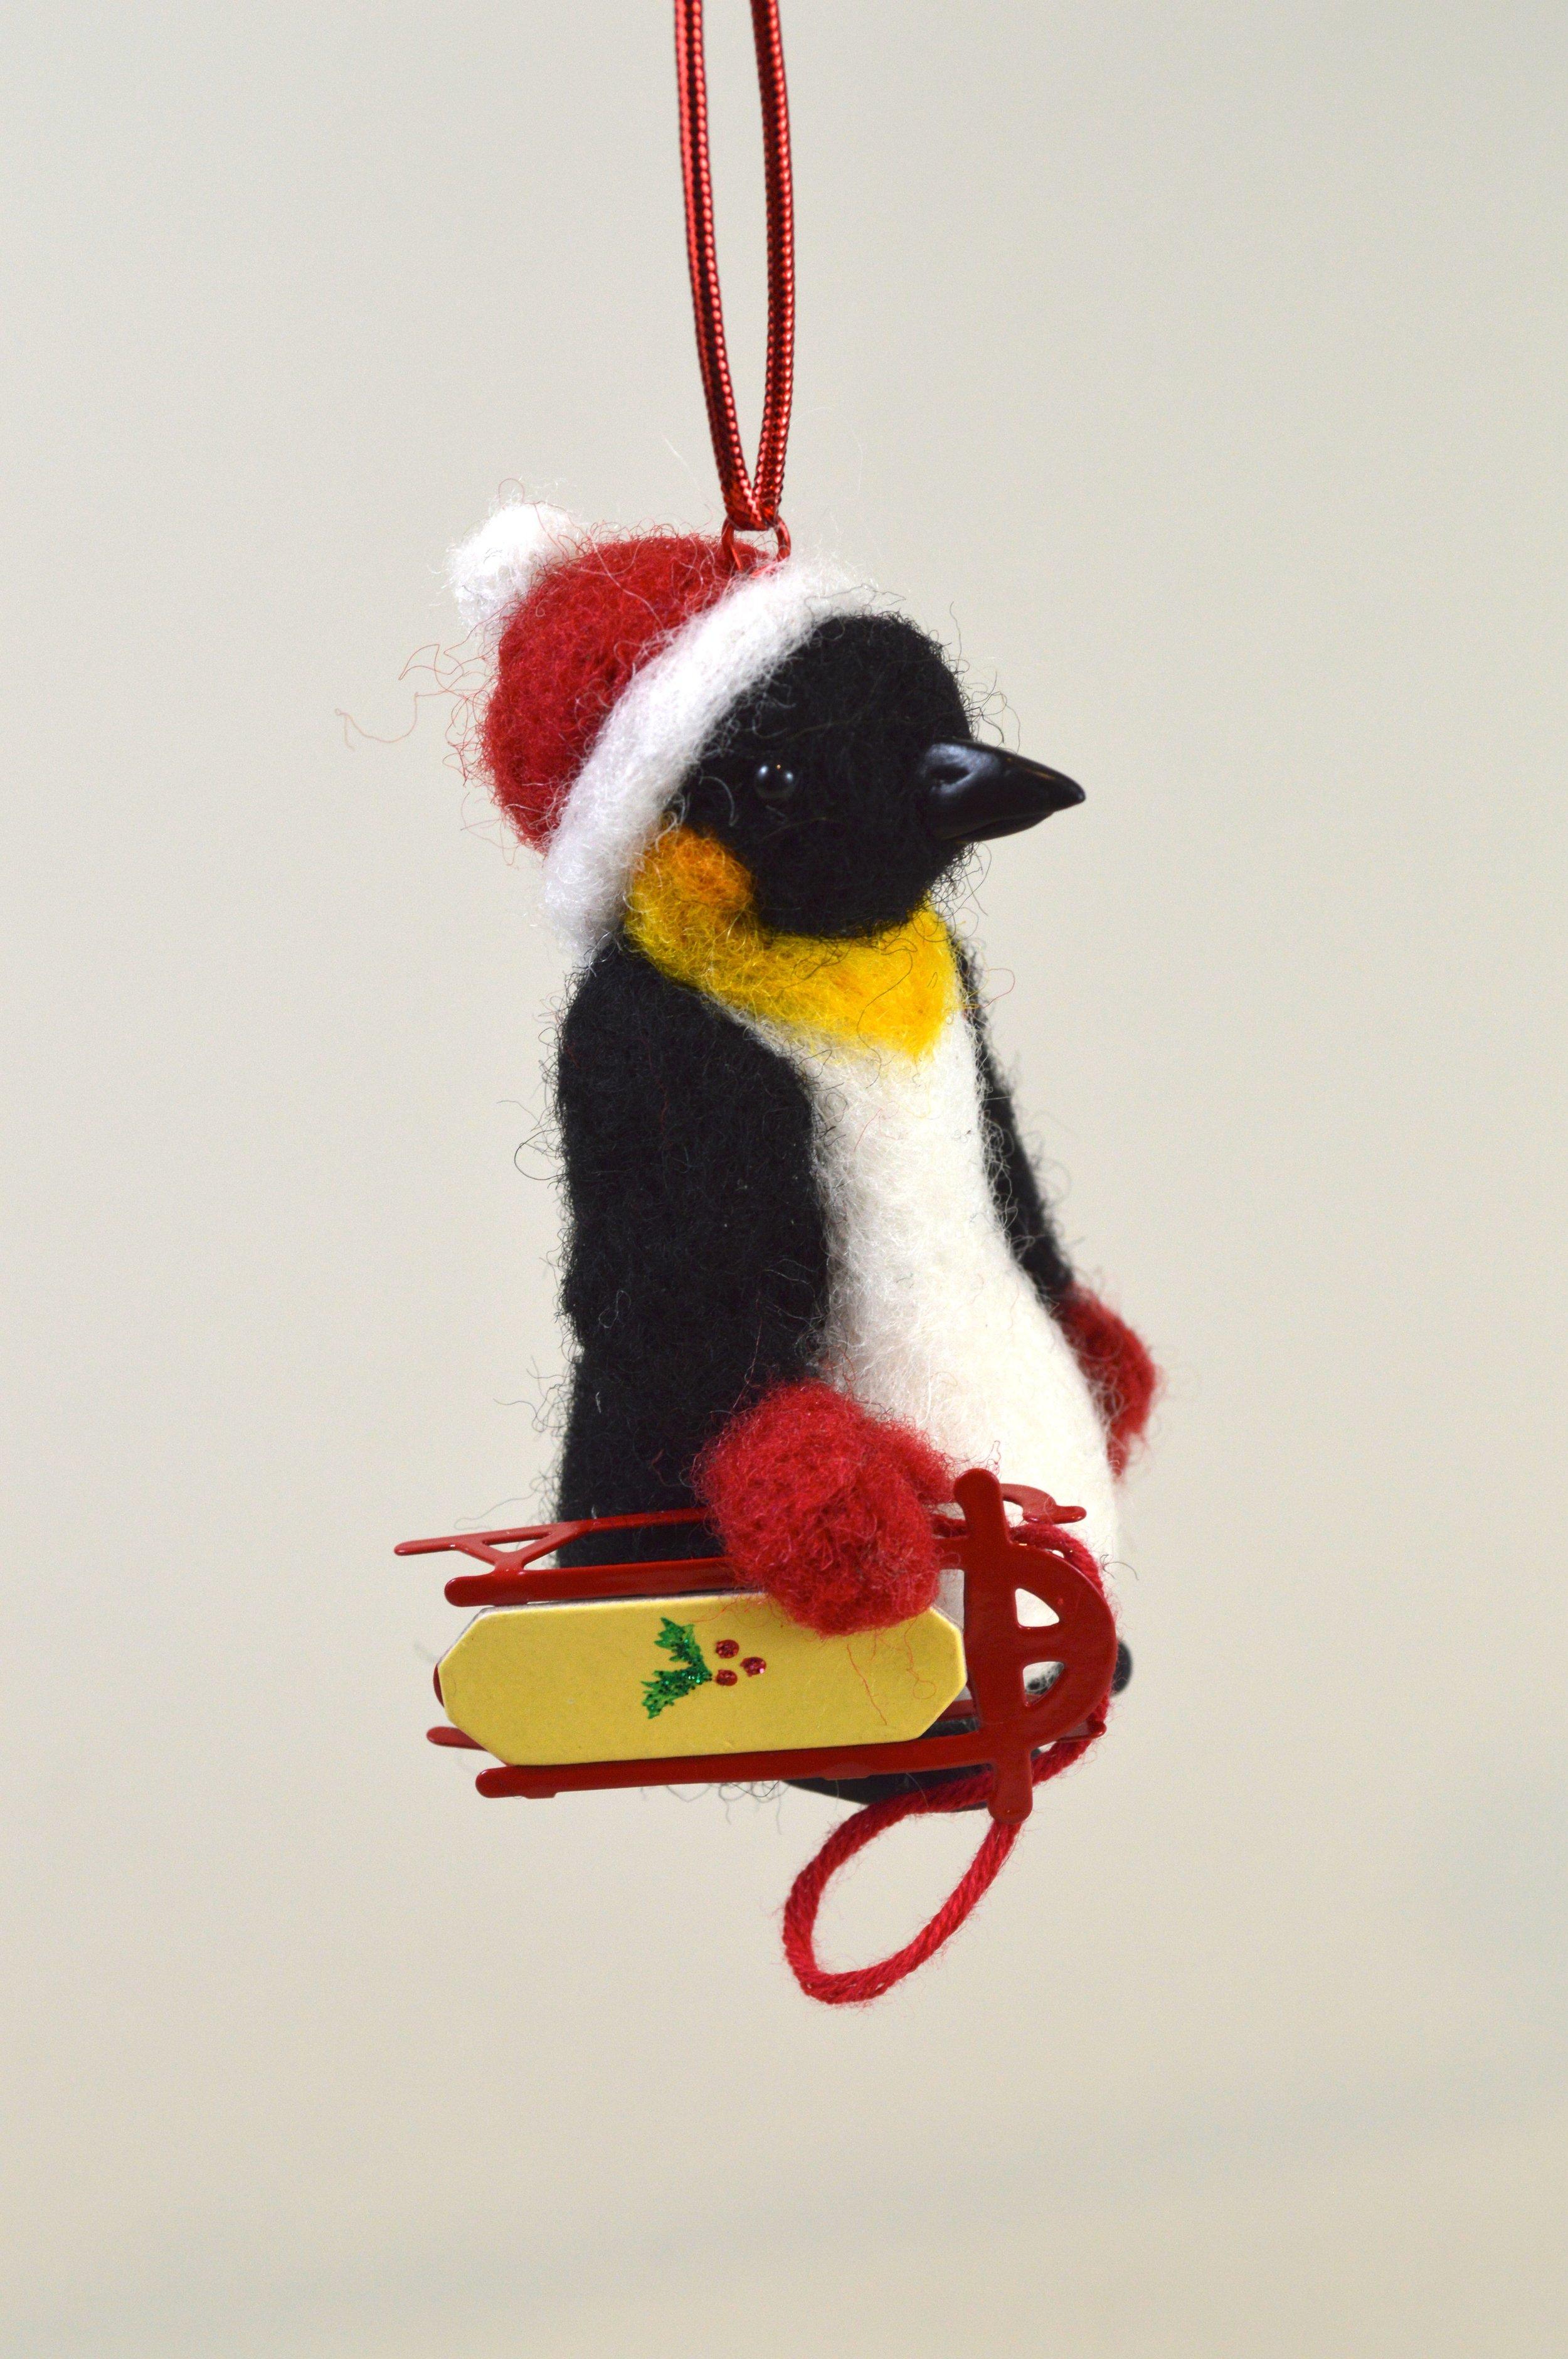 Penguinw:Sled2017.JPG